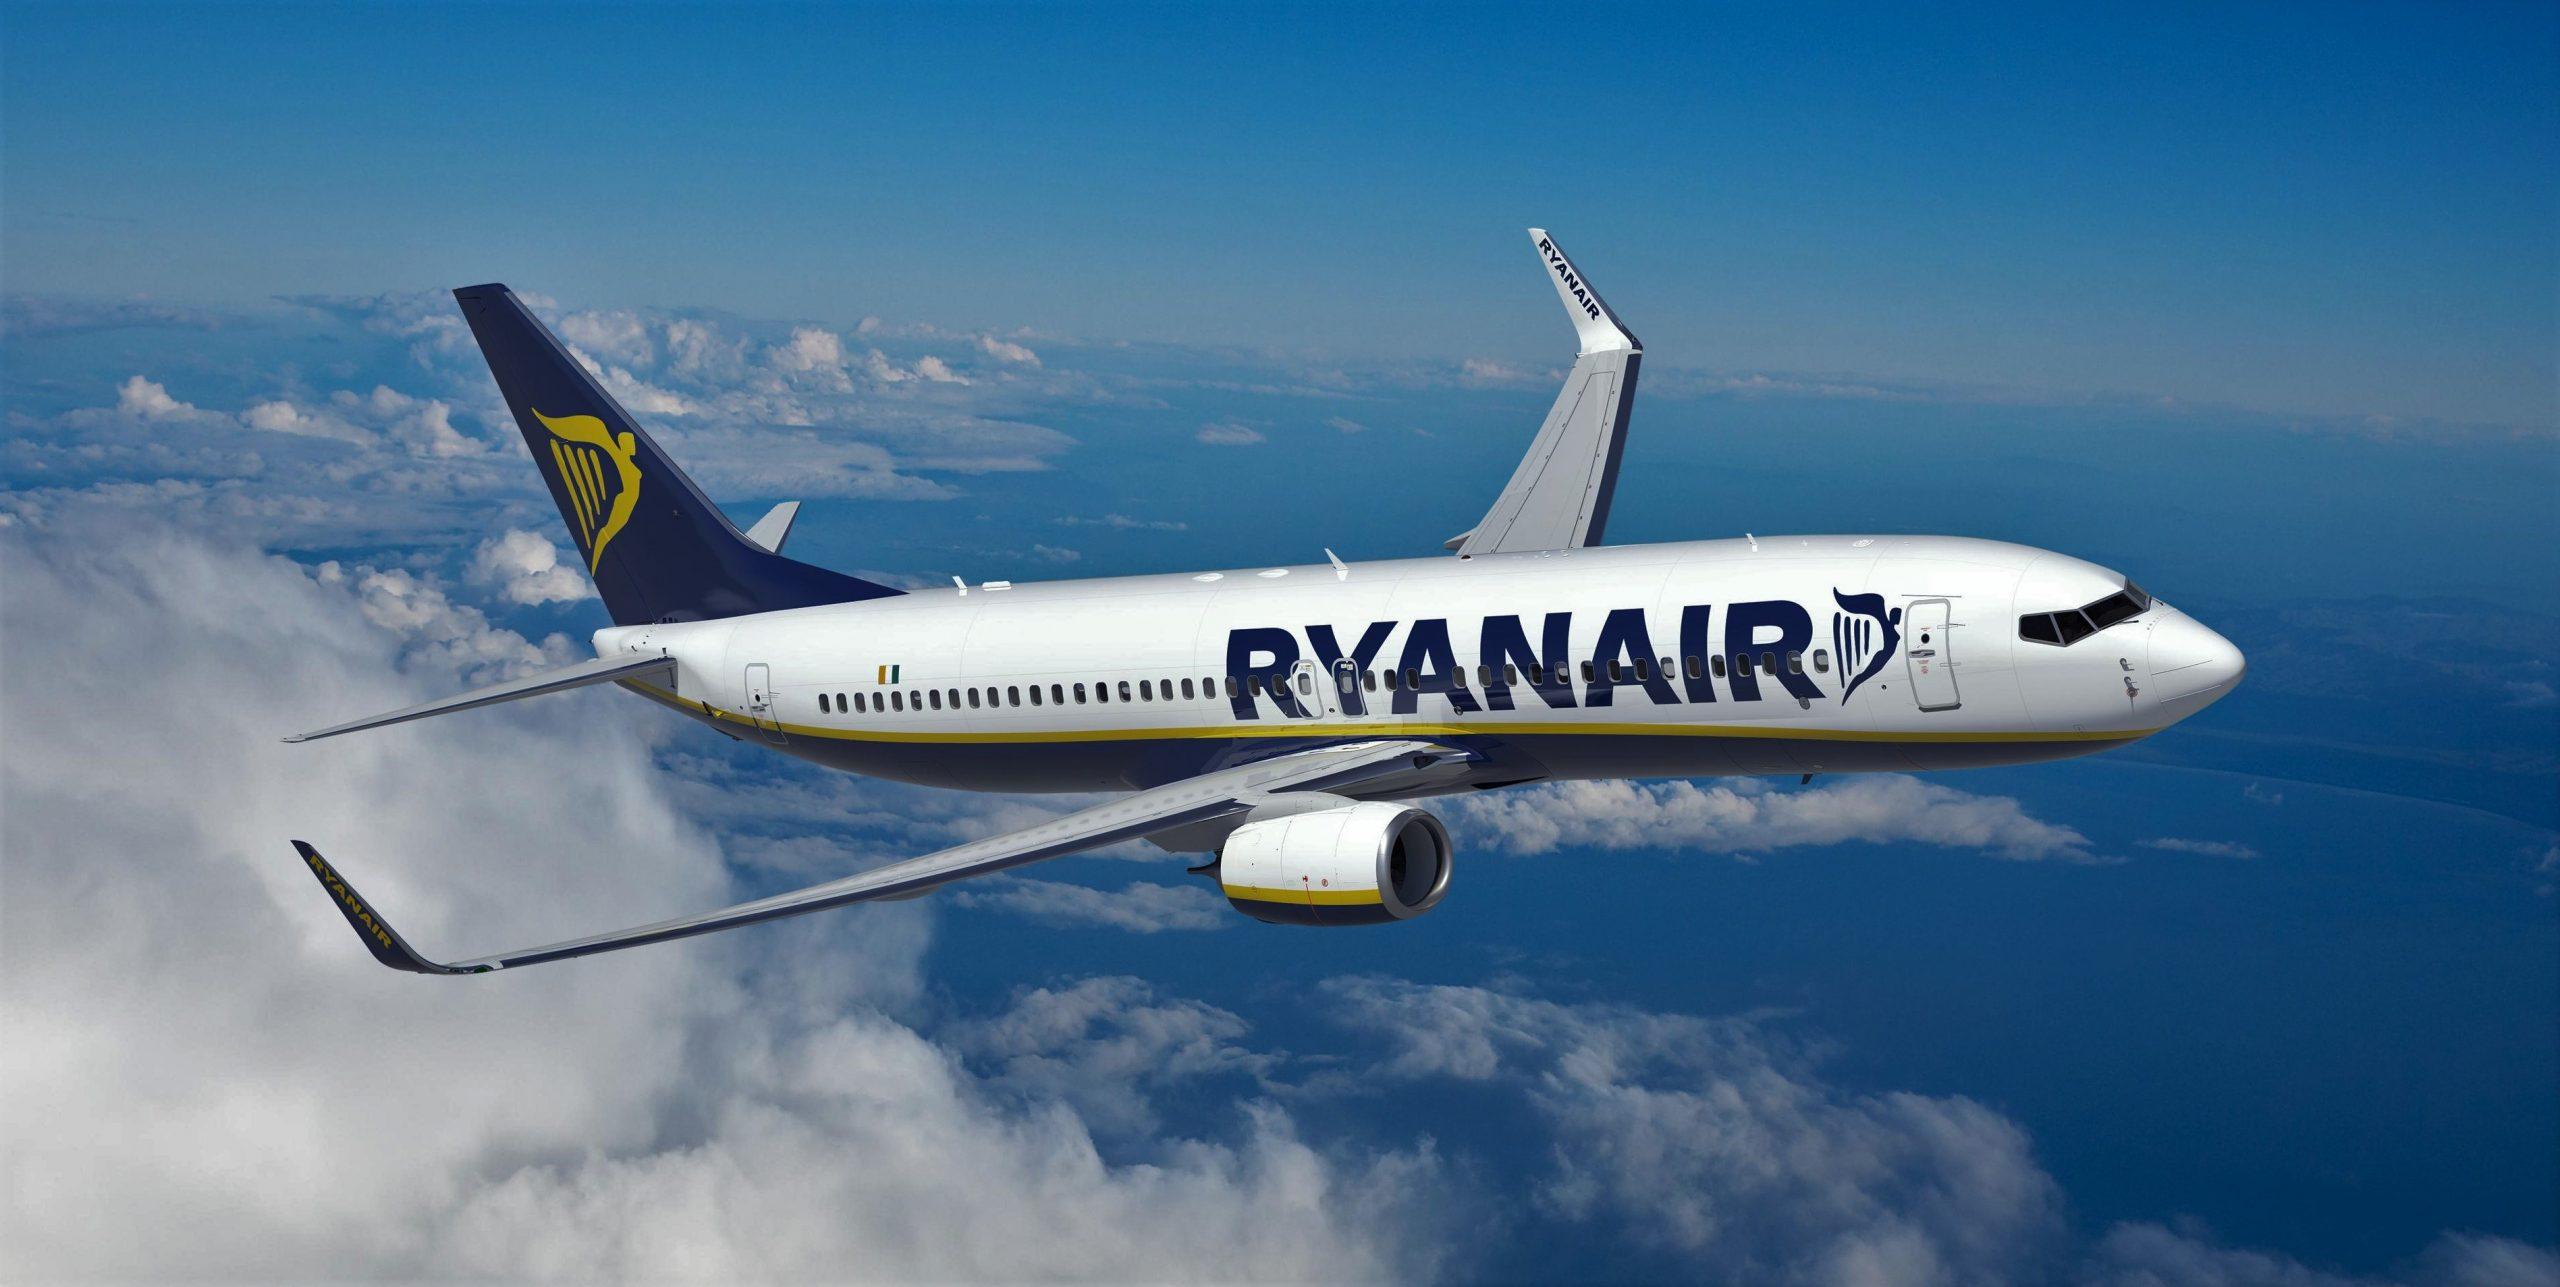 Foto: Alertă de incendiu la bordul unui avion Ryanair cu 160 de pasageri. A aterizat de urgență în Grecia